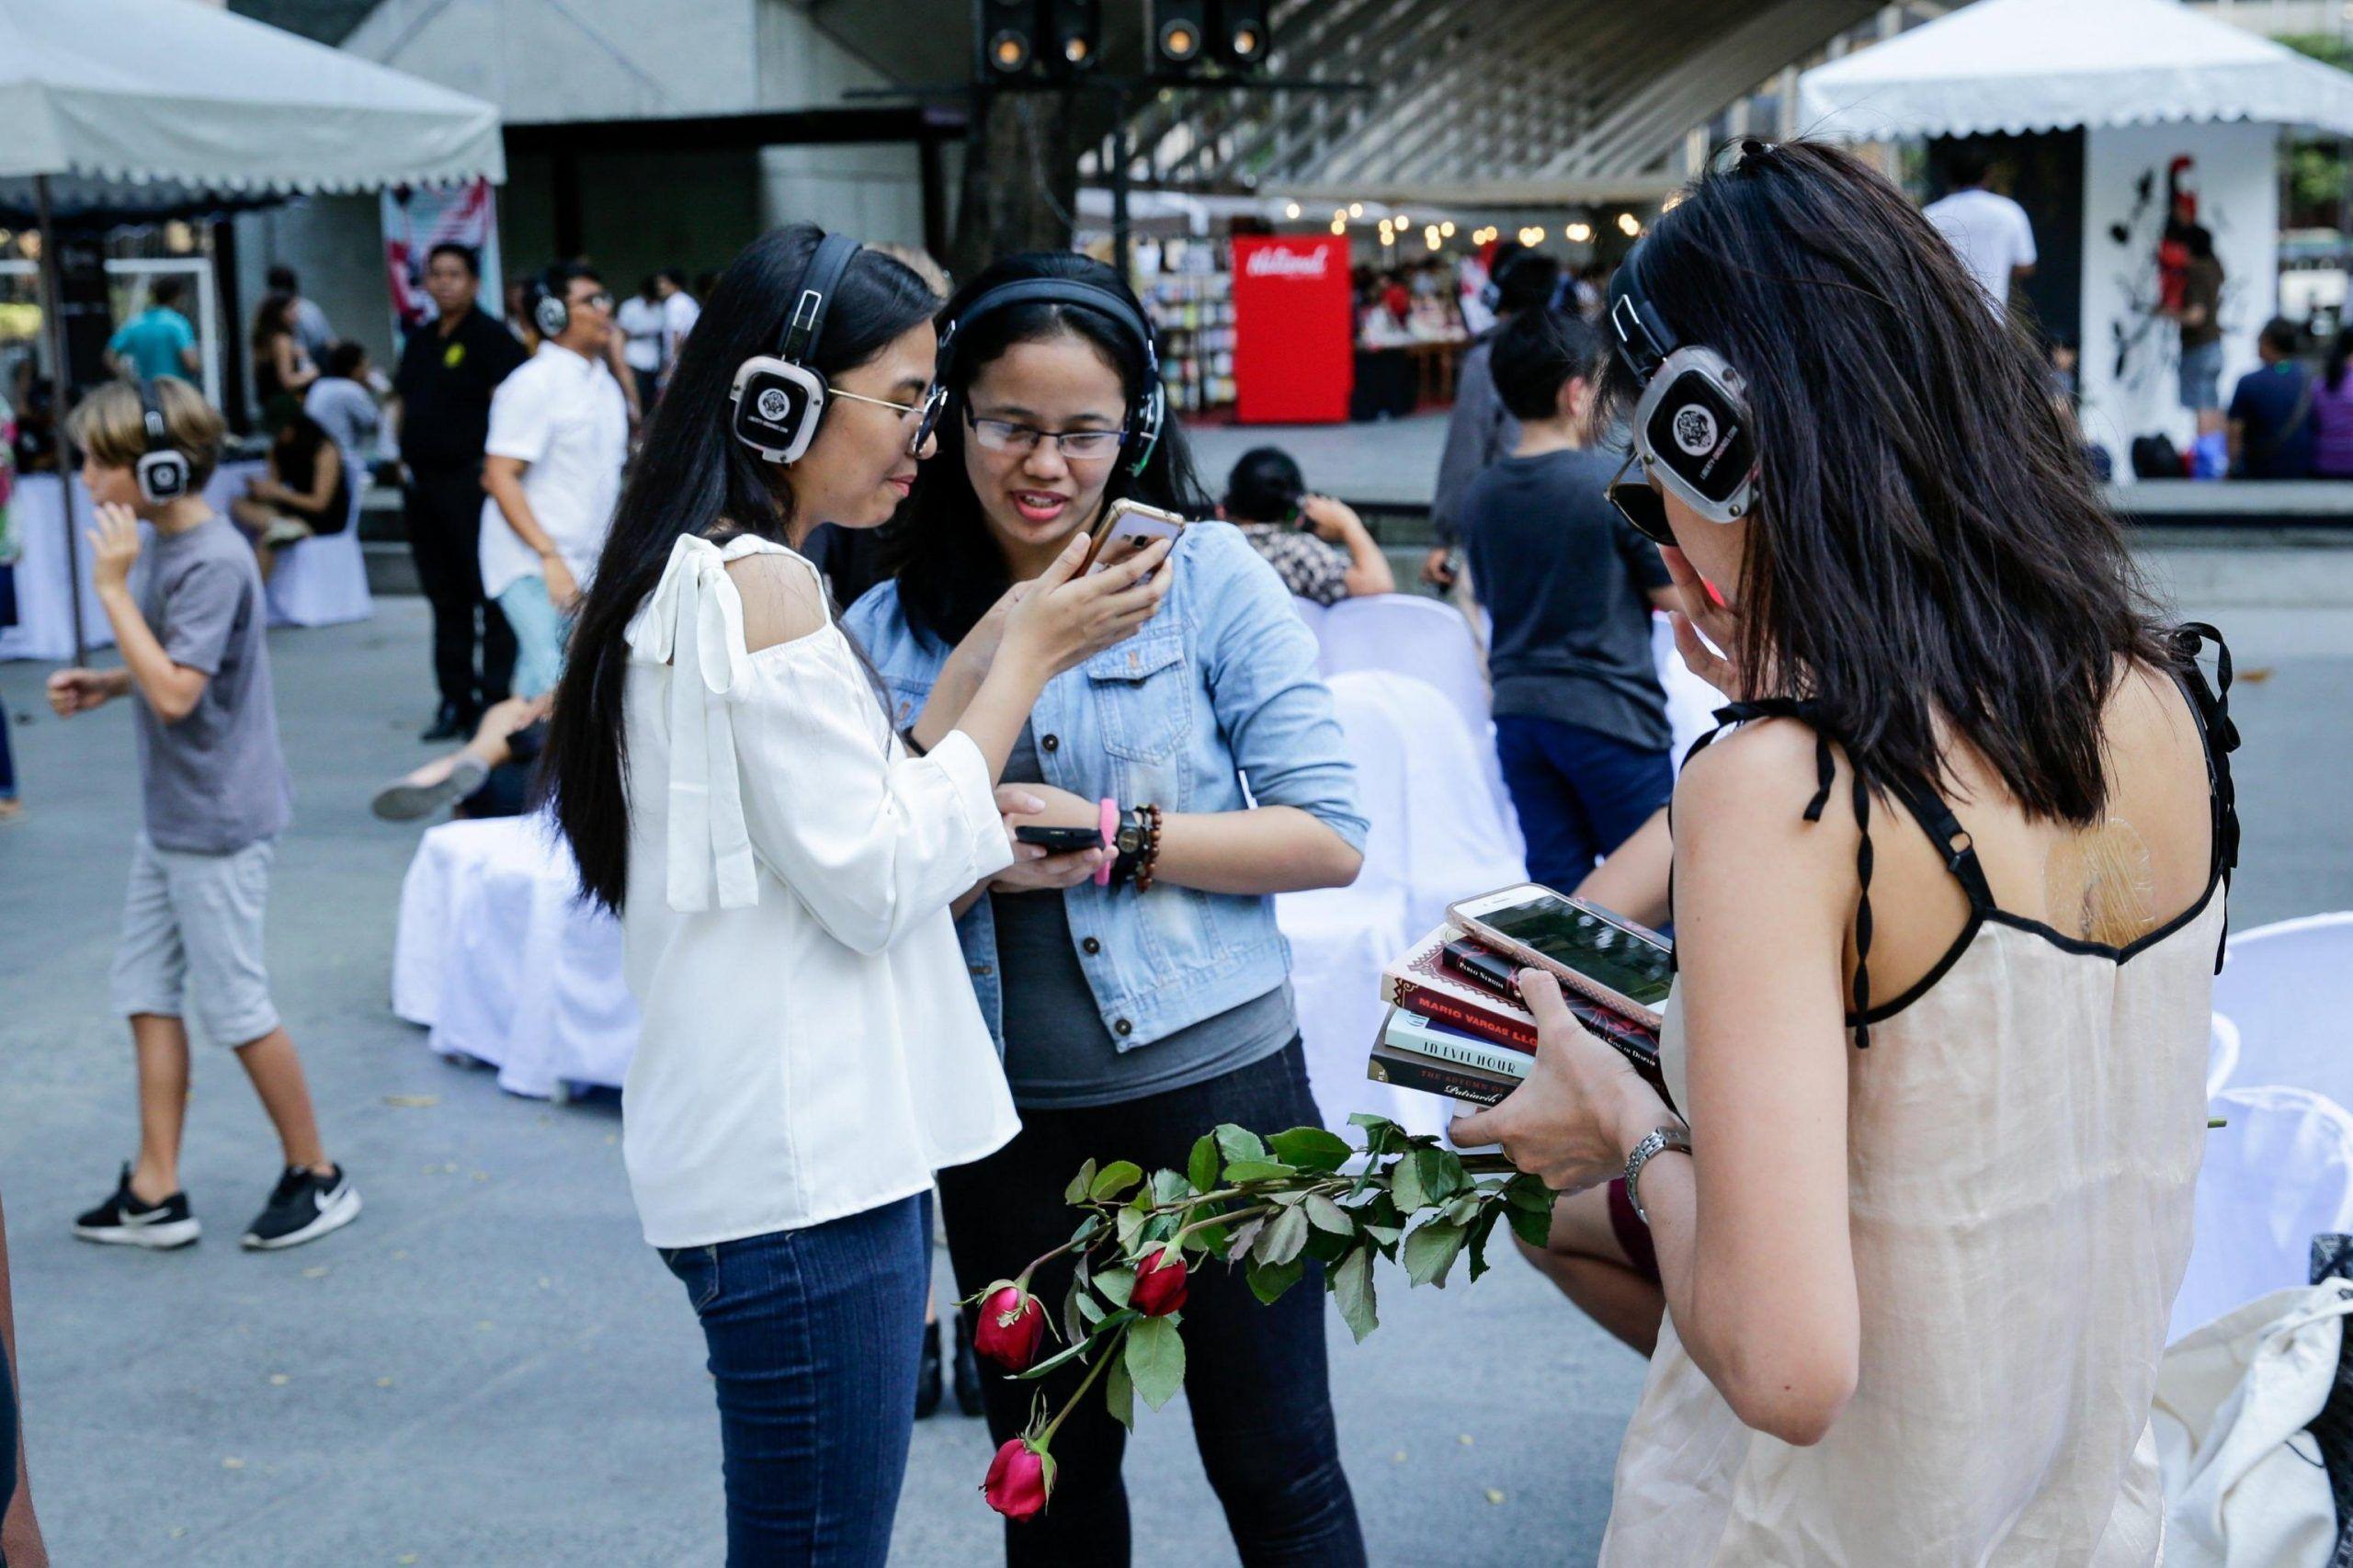 Streaming musicale: come sta cambiando (in peggio?) il nostro modo di ascoltare la musica